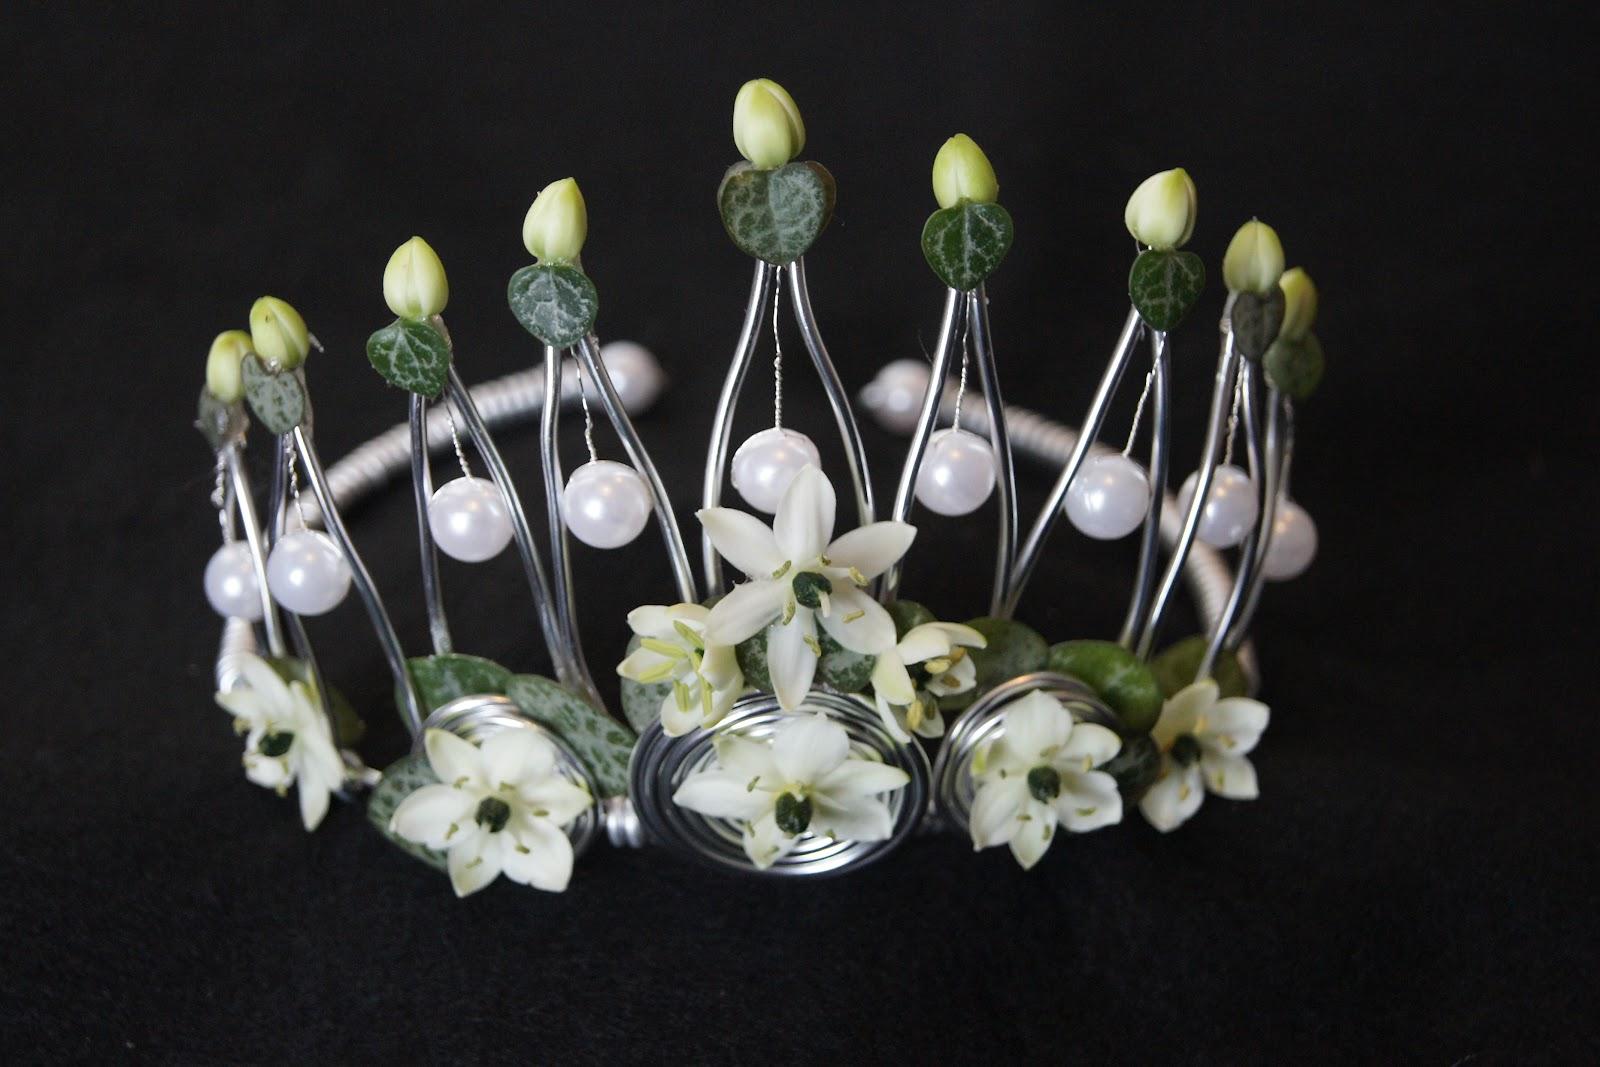 Le comptoir des fleurs bijoux floraux - Le comptoir des fleuristes ...